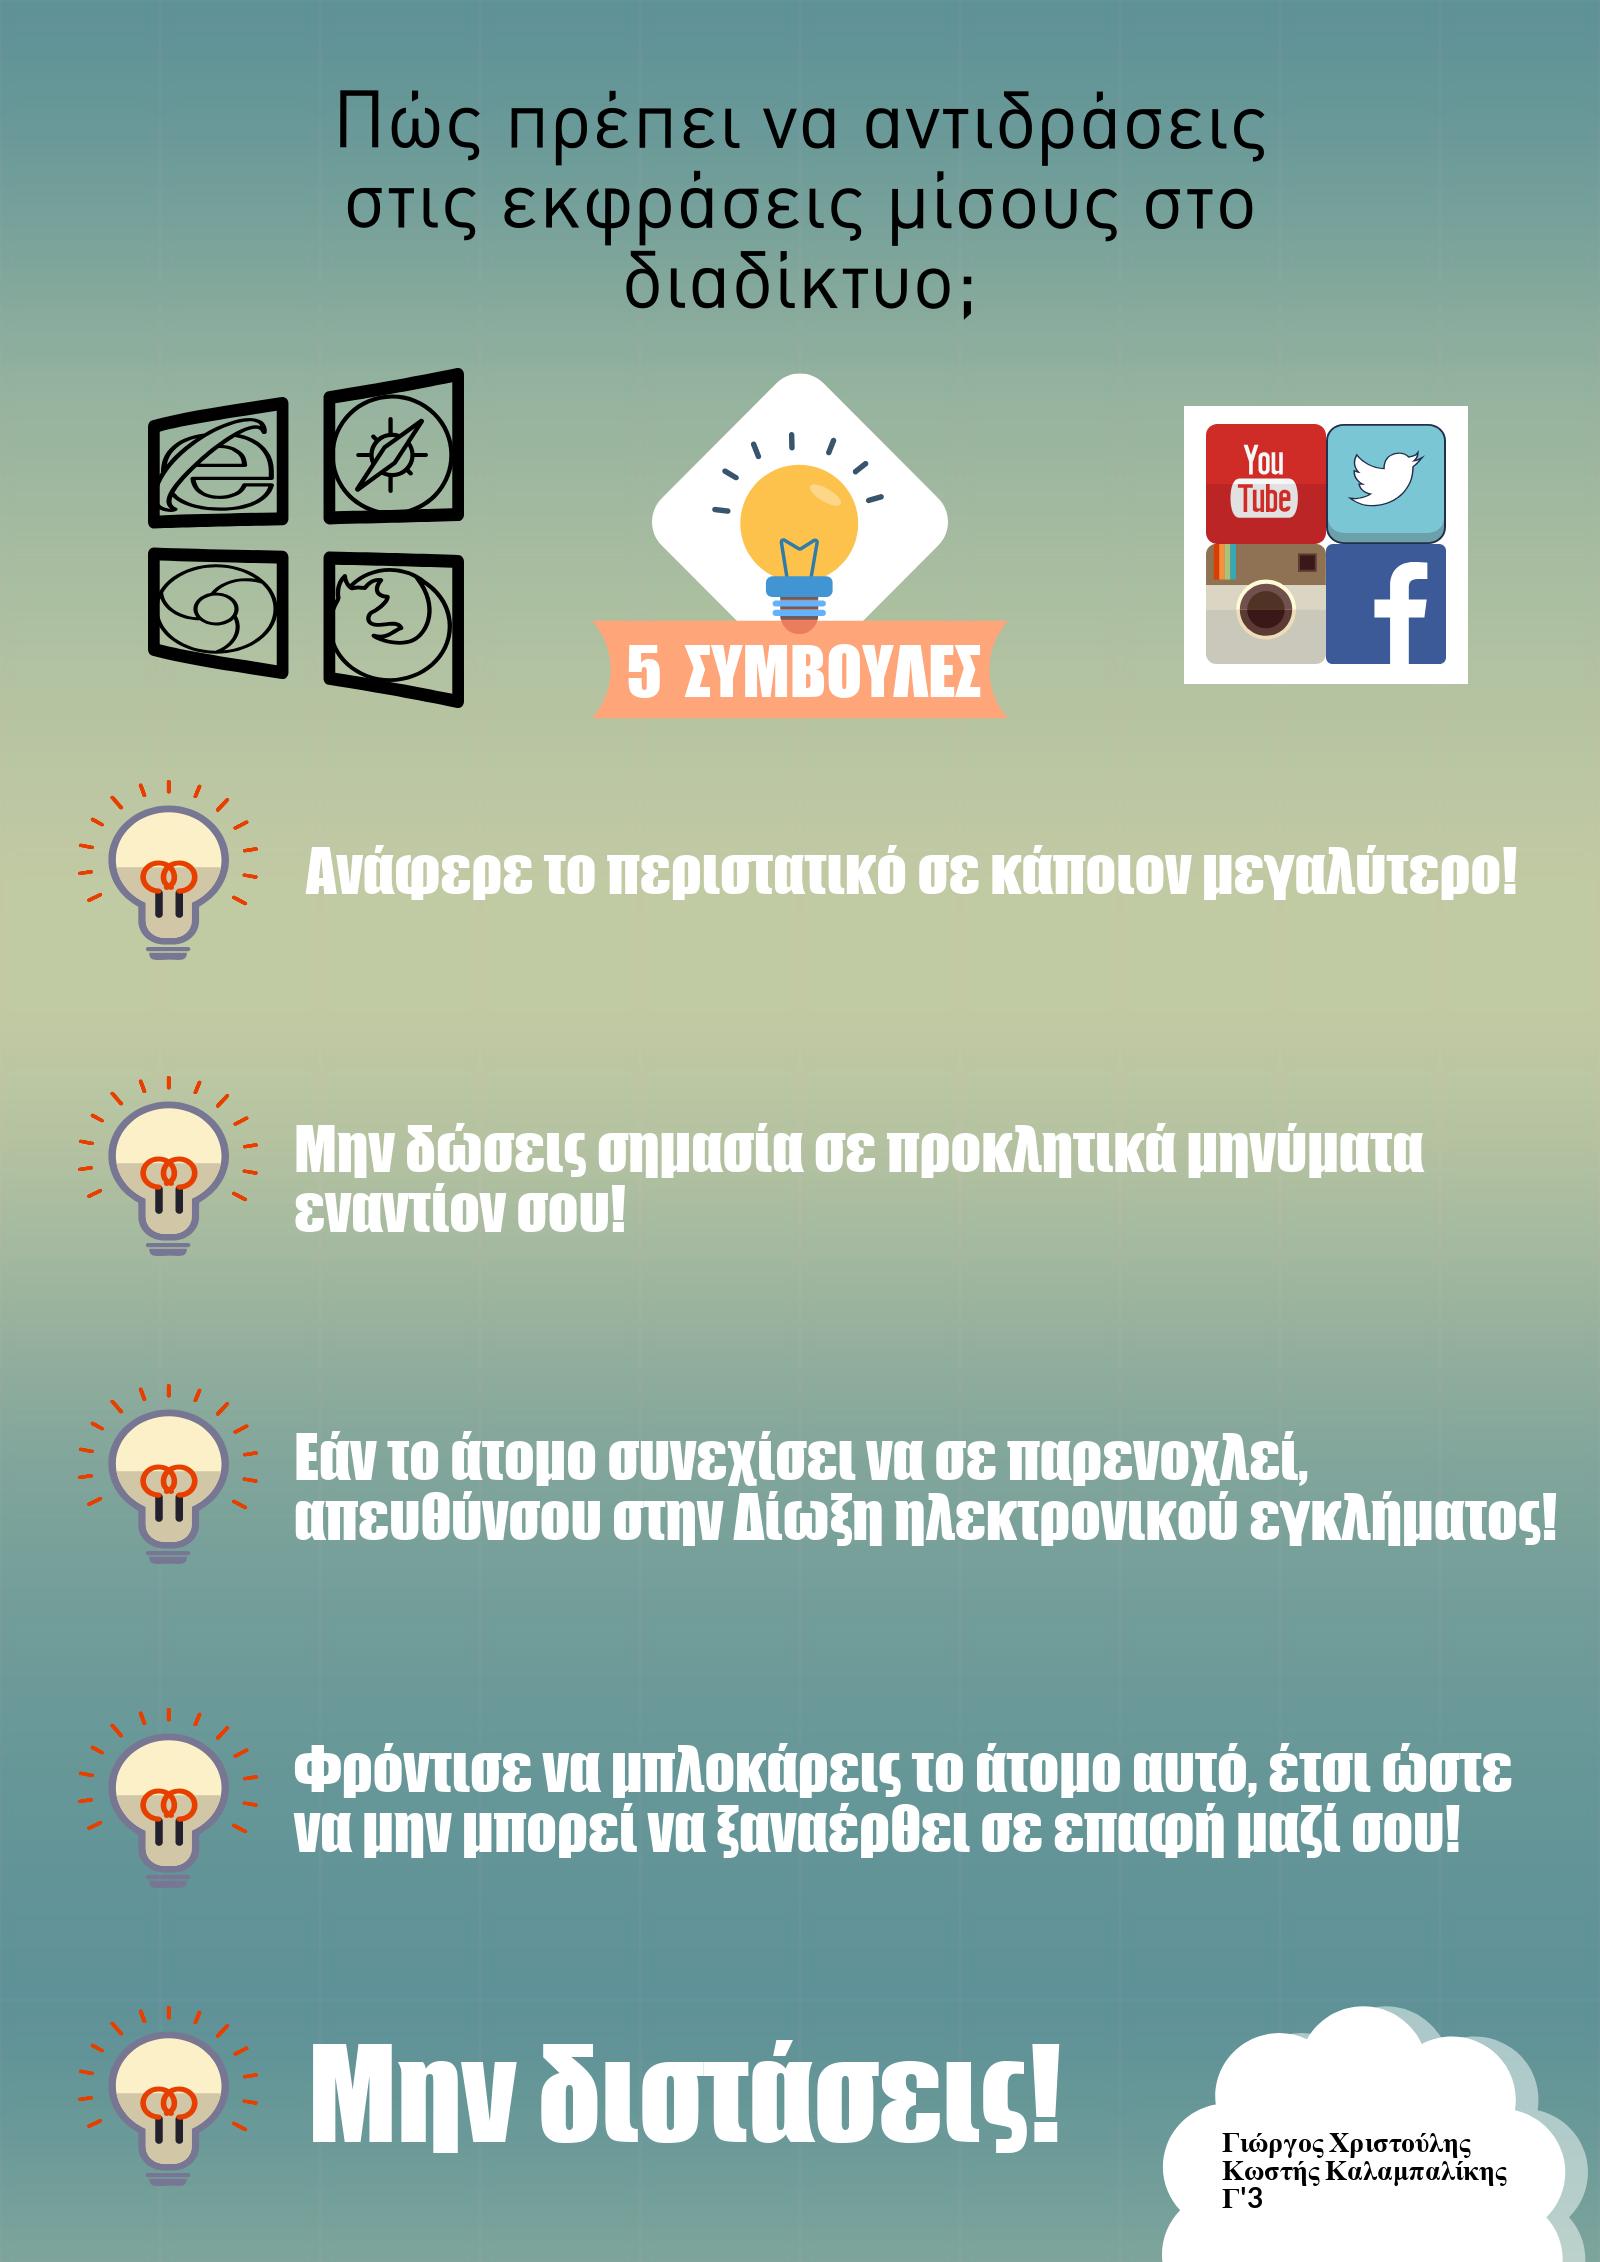 Οι μαθητές του Ελληνικού Τμήματος δημιουργούν αφίσες κατά του ηλεκτρονικού εκφοβισμού-4